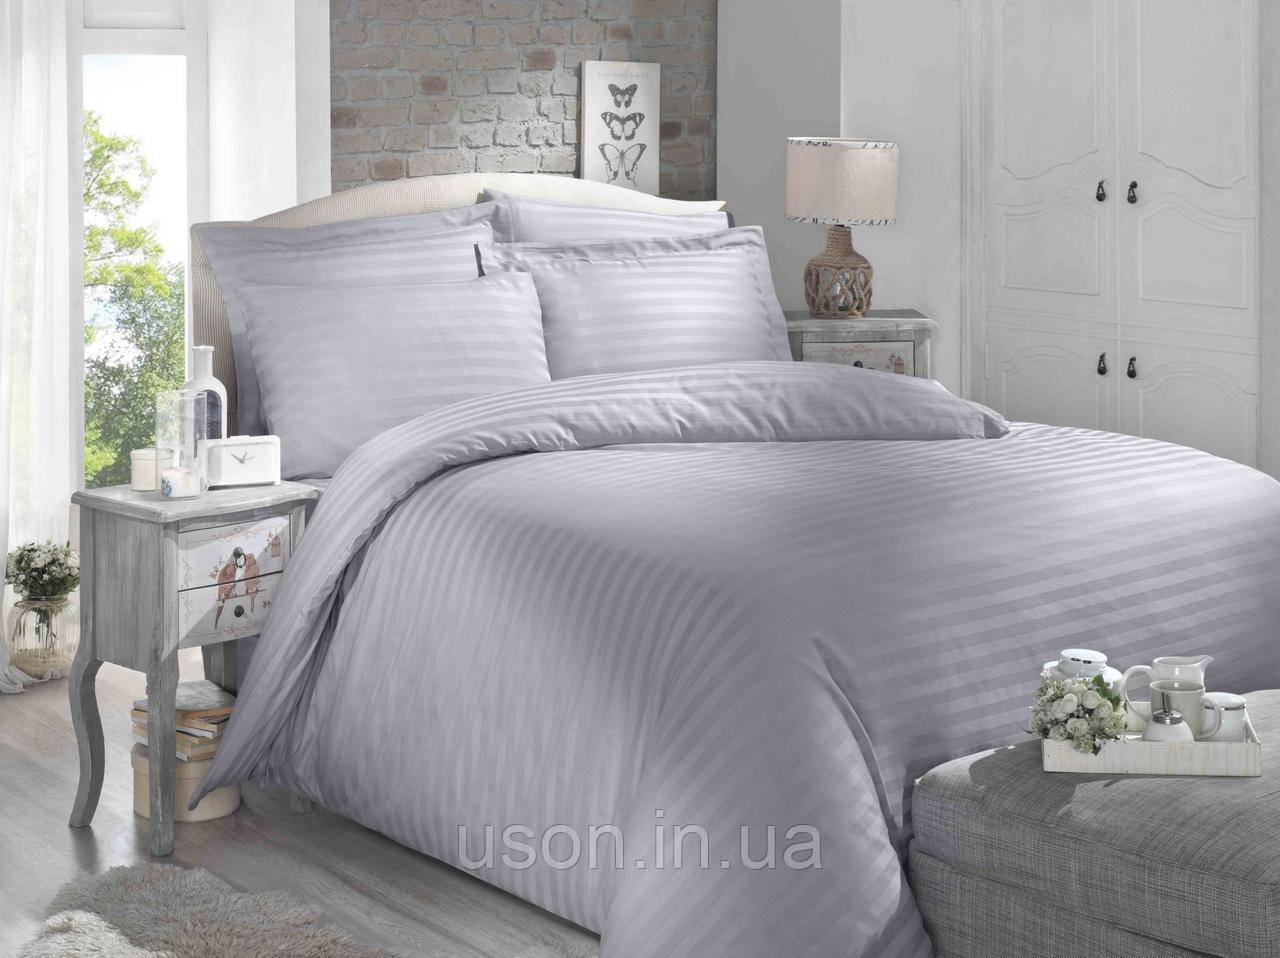 Купить Комплект постельного белья сатин Altinbasak евро размер Gri